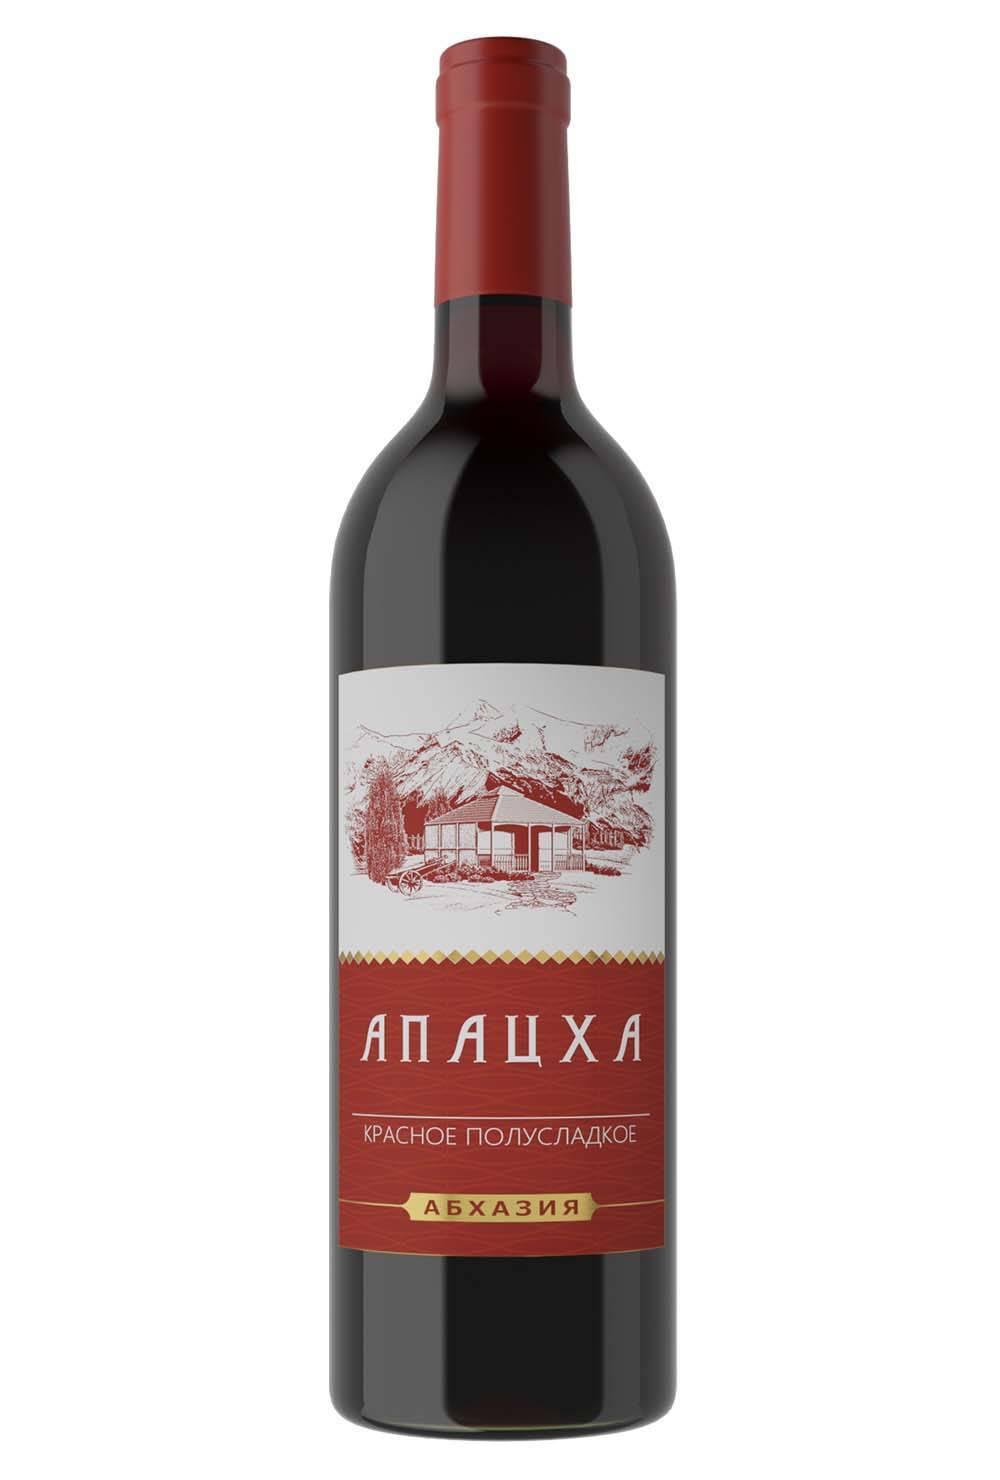 Обзор вина кампо вьехо темпранильо